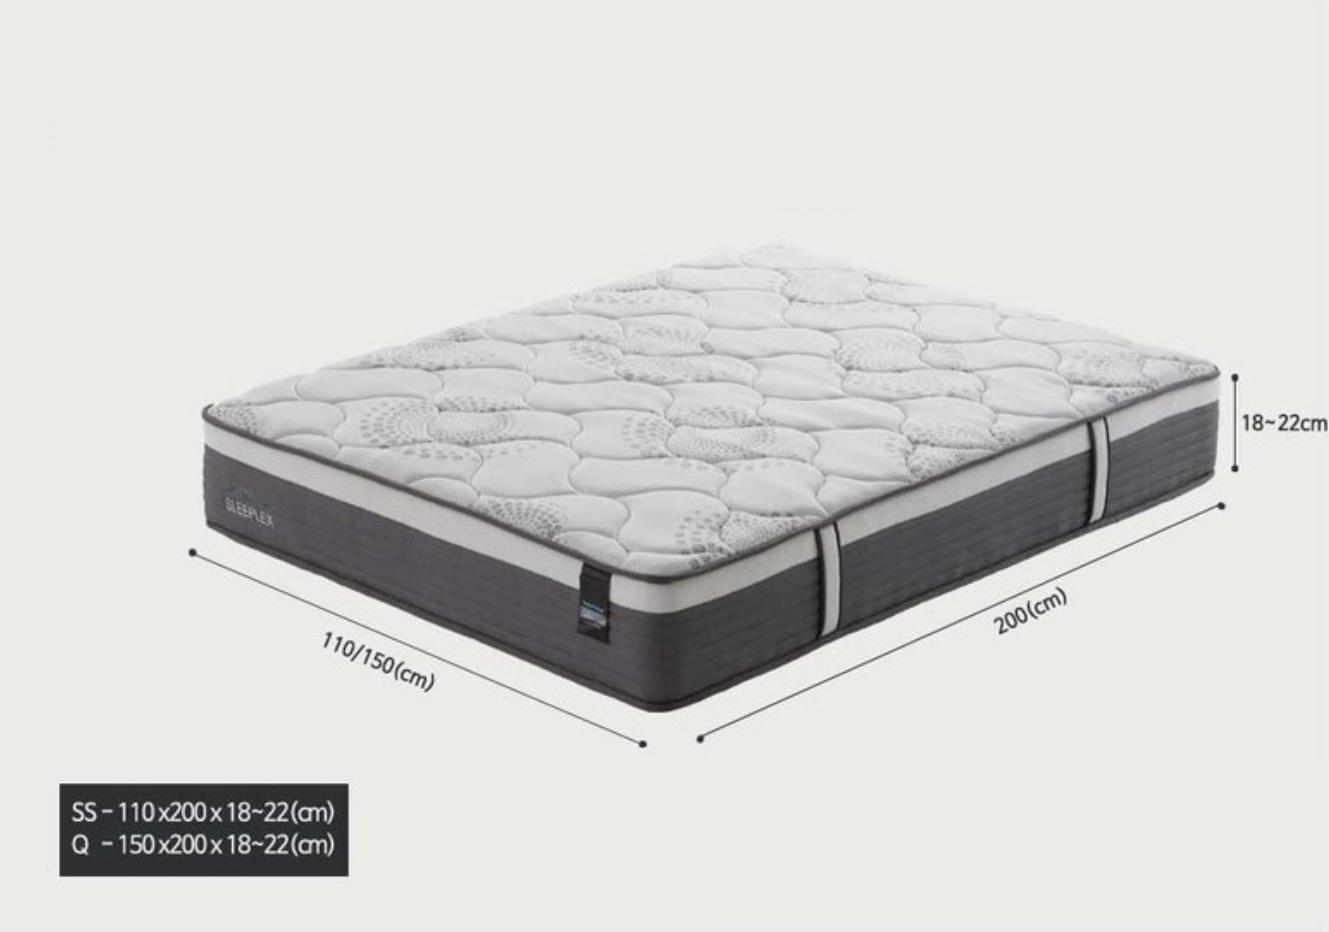 고급형 슈퍼싱글 침대+이불셋트 (무료배송)